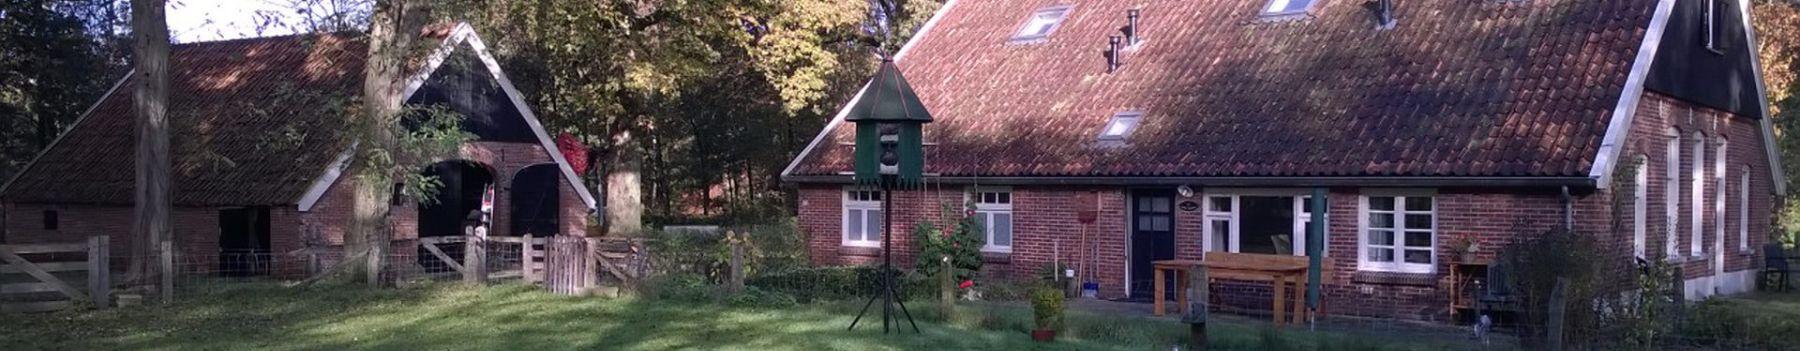 Erve Huiskes in Oldenzaal